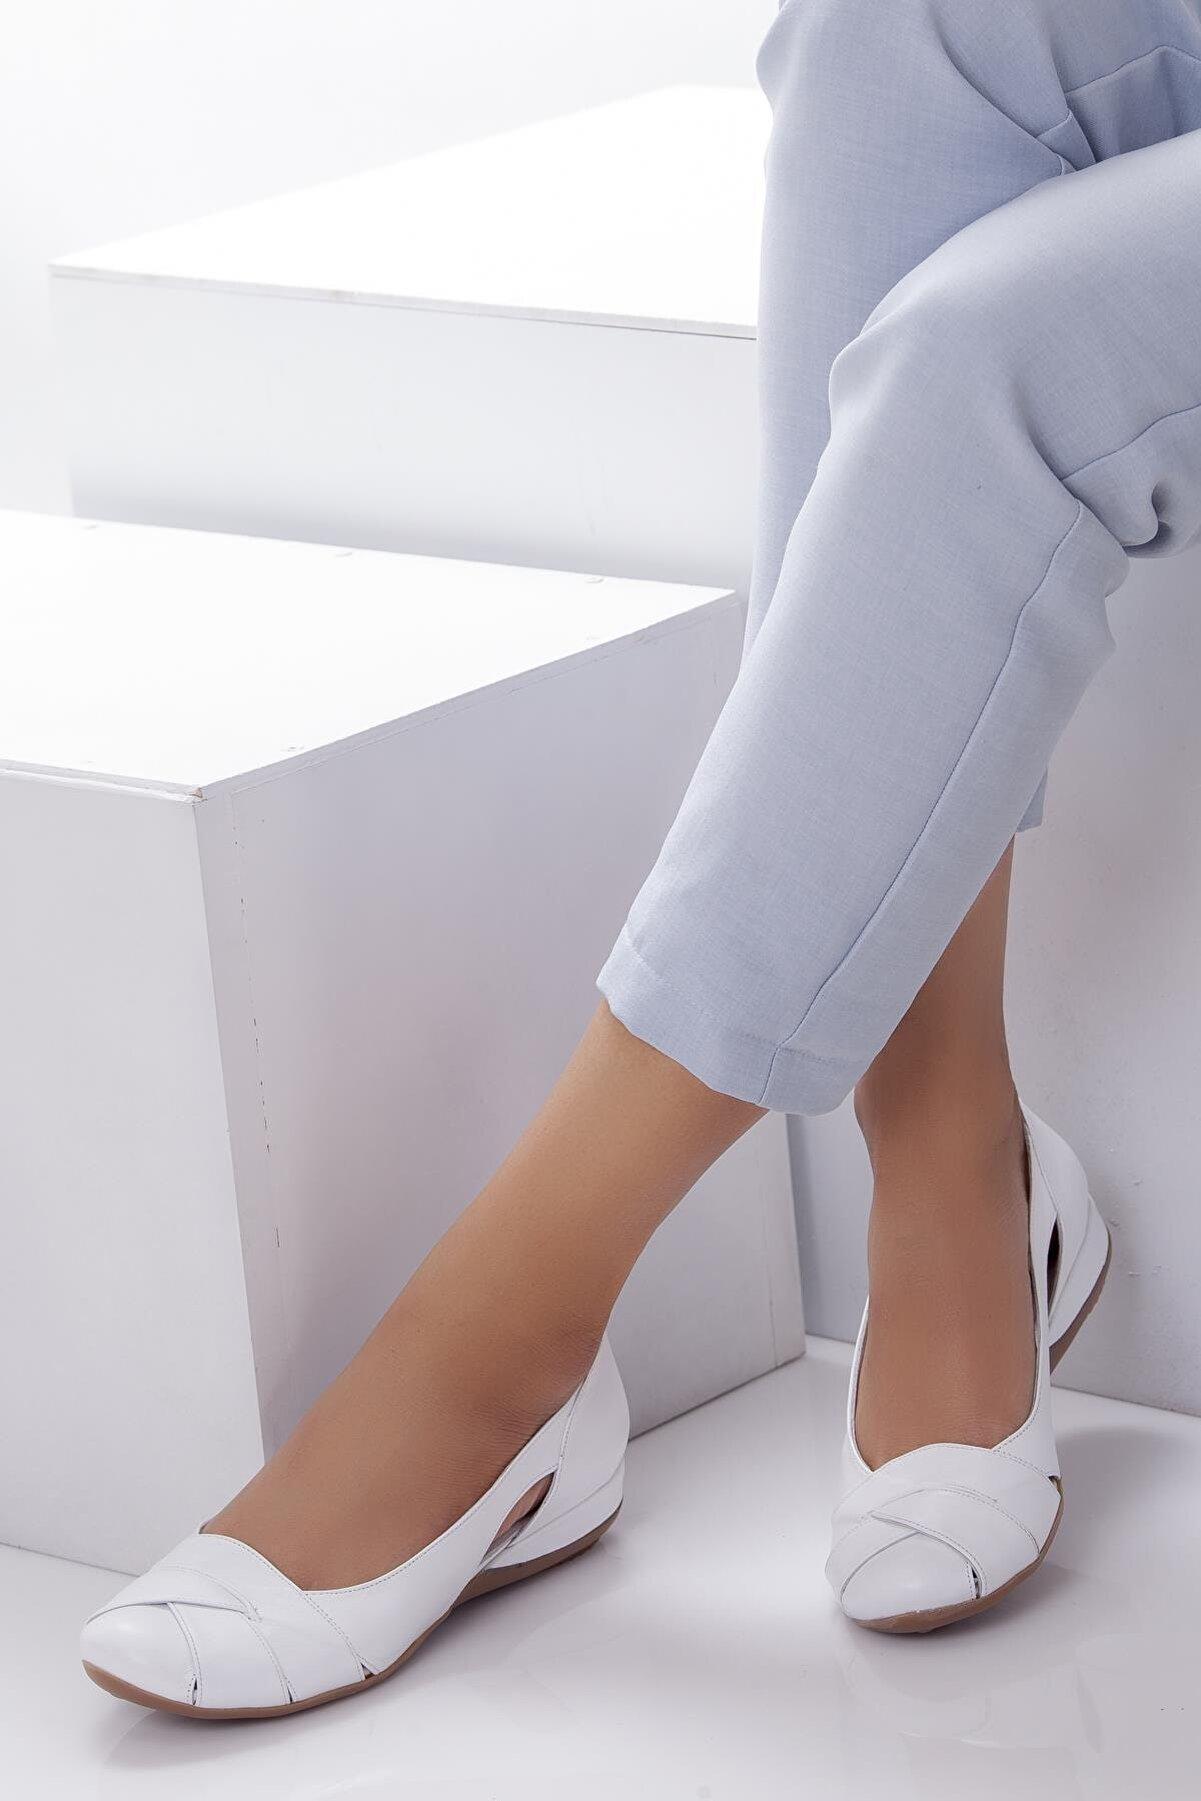 Deripabuc Hakiki Deri Beyaz Kadın Deri Babet Trc-4000